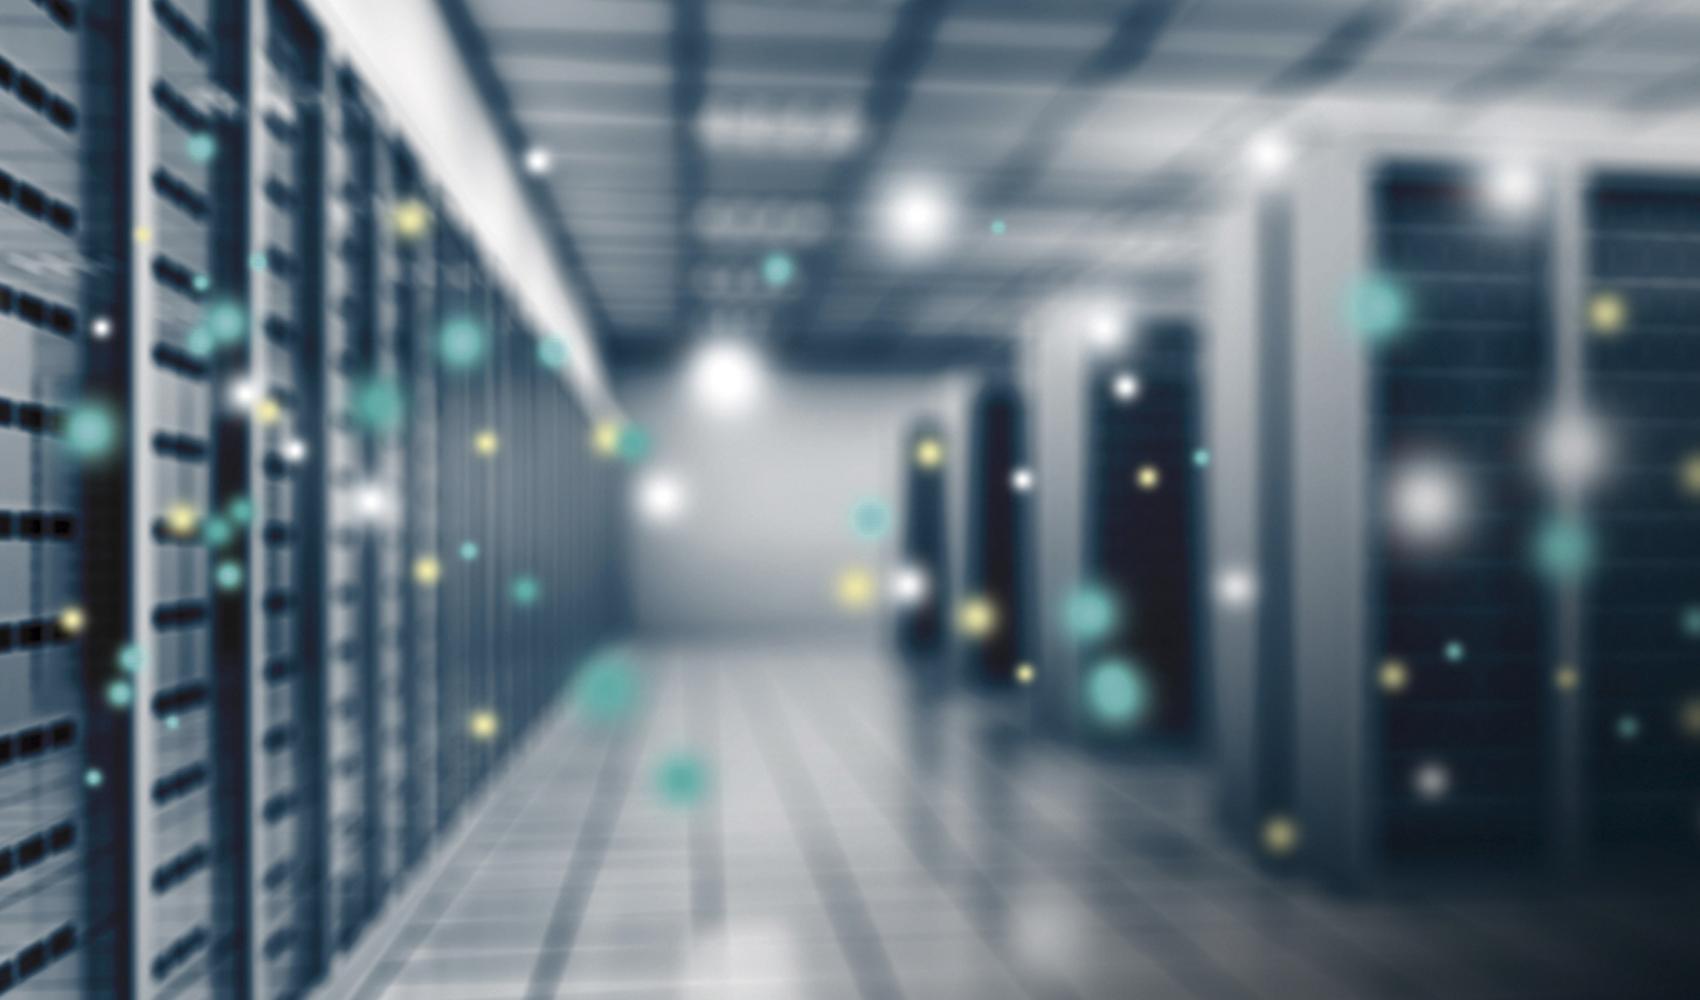 Seguridad en el Centro de Datos: mejorar el control de accesos 47